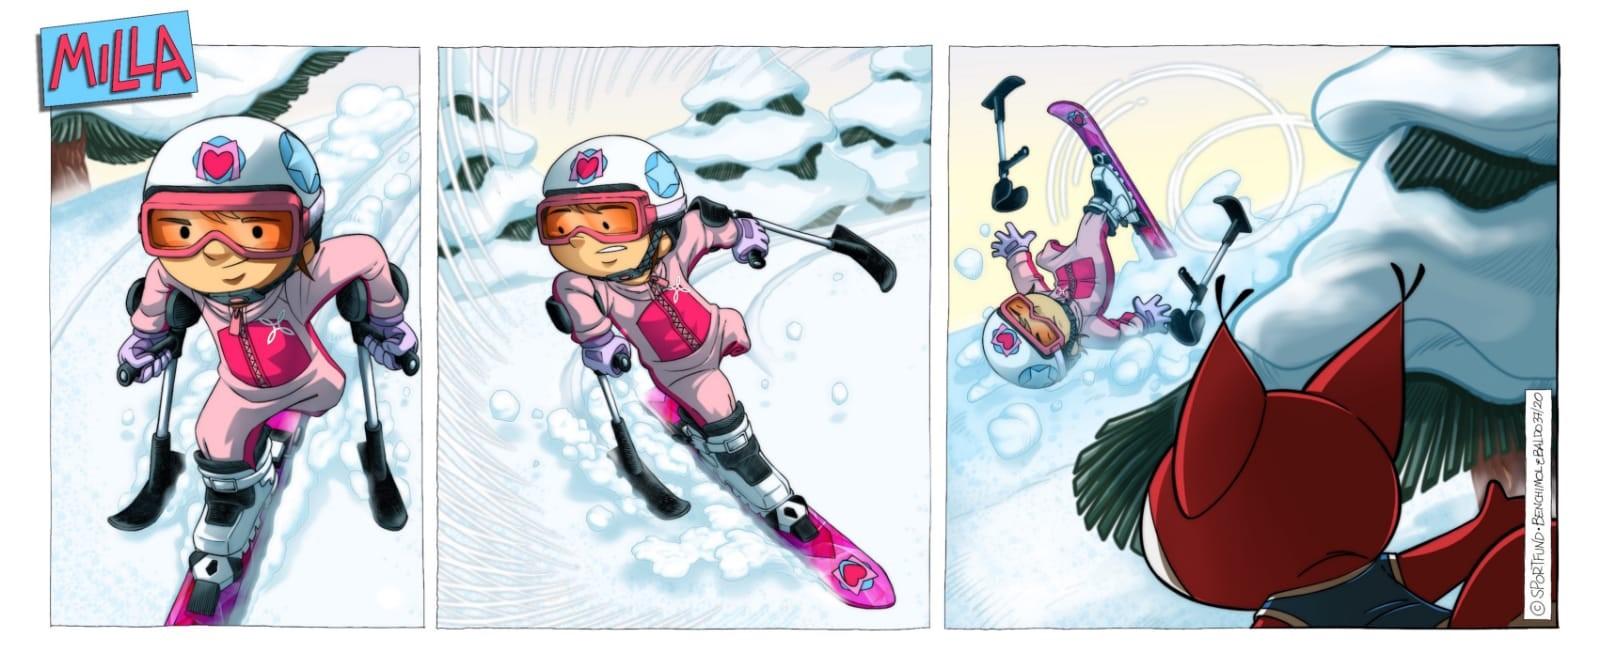 Immagine L'Ambassador dell'inclusività dei Mondiali di Cortina 2021 è Milla